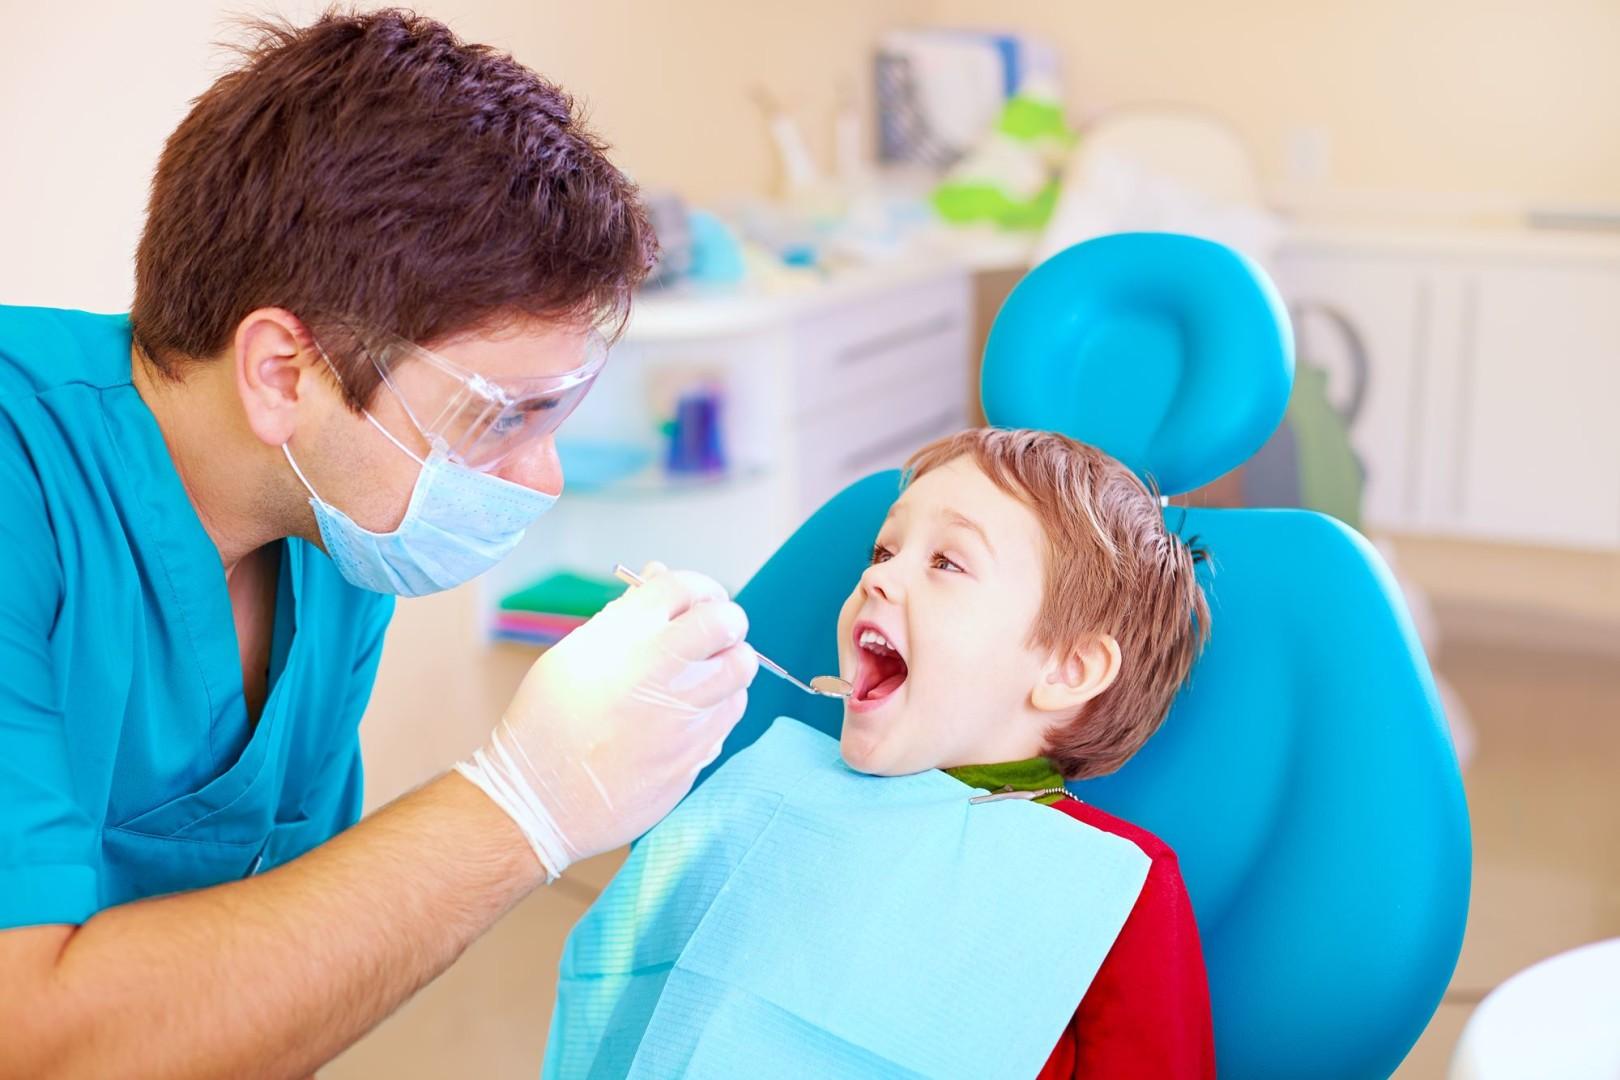 Centre médical dentaire : quels sont les points qui assurent sa bonne réputation ?